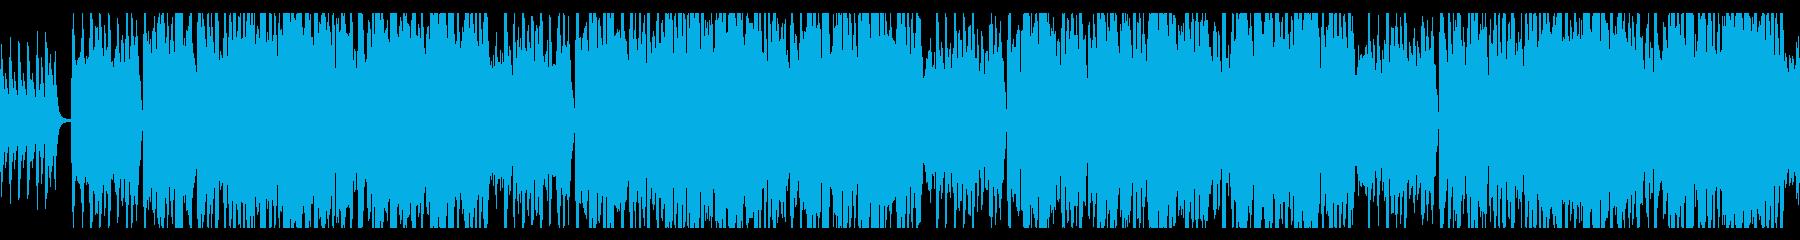 ループ 懐かしいバラード、ノスタルジーの再生済みの波形